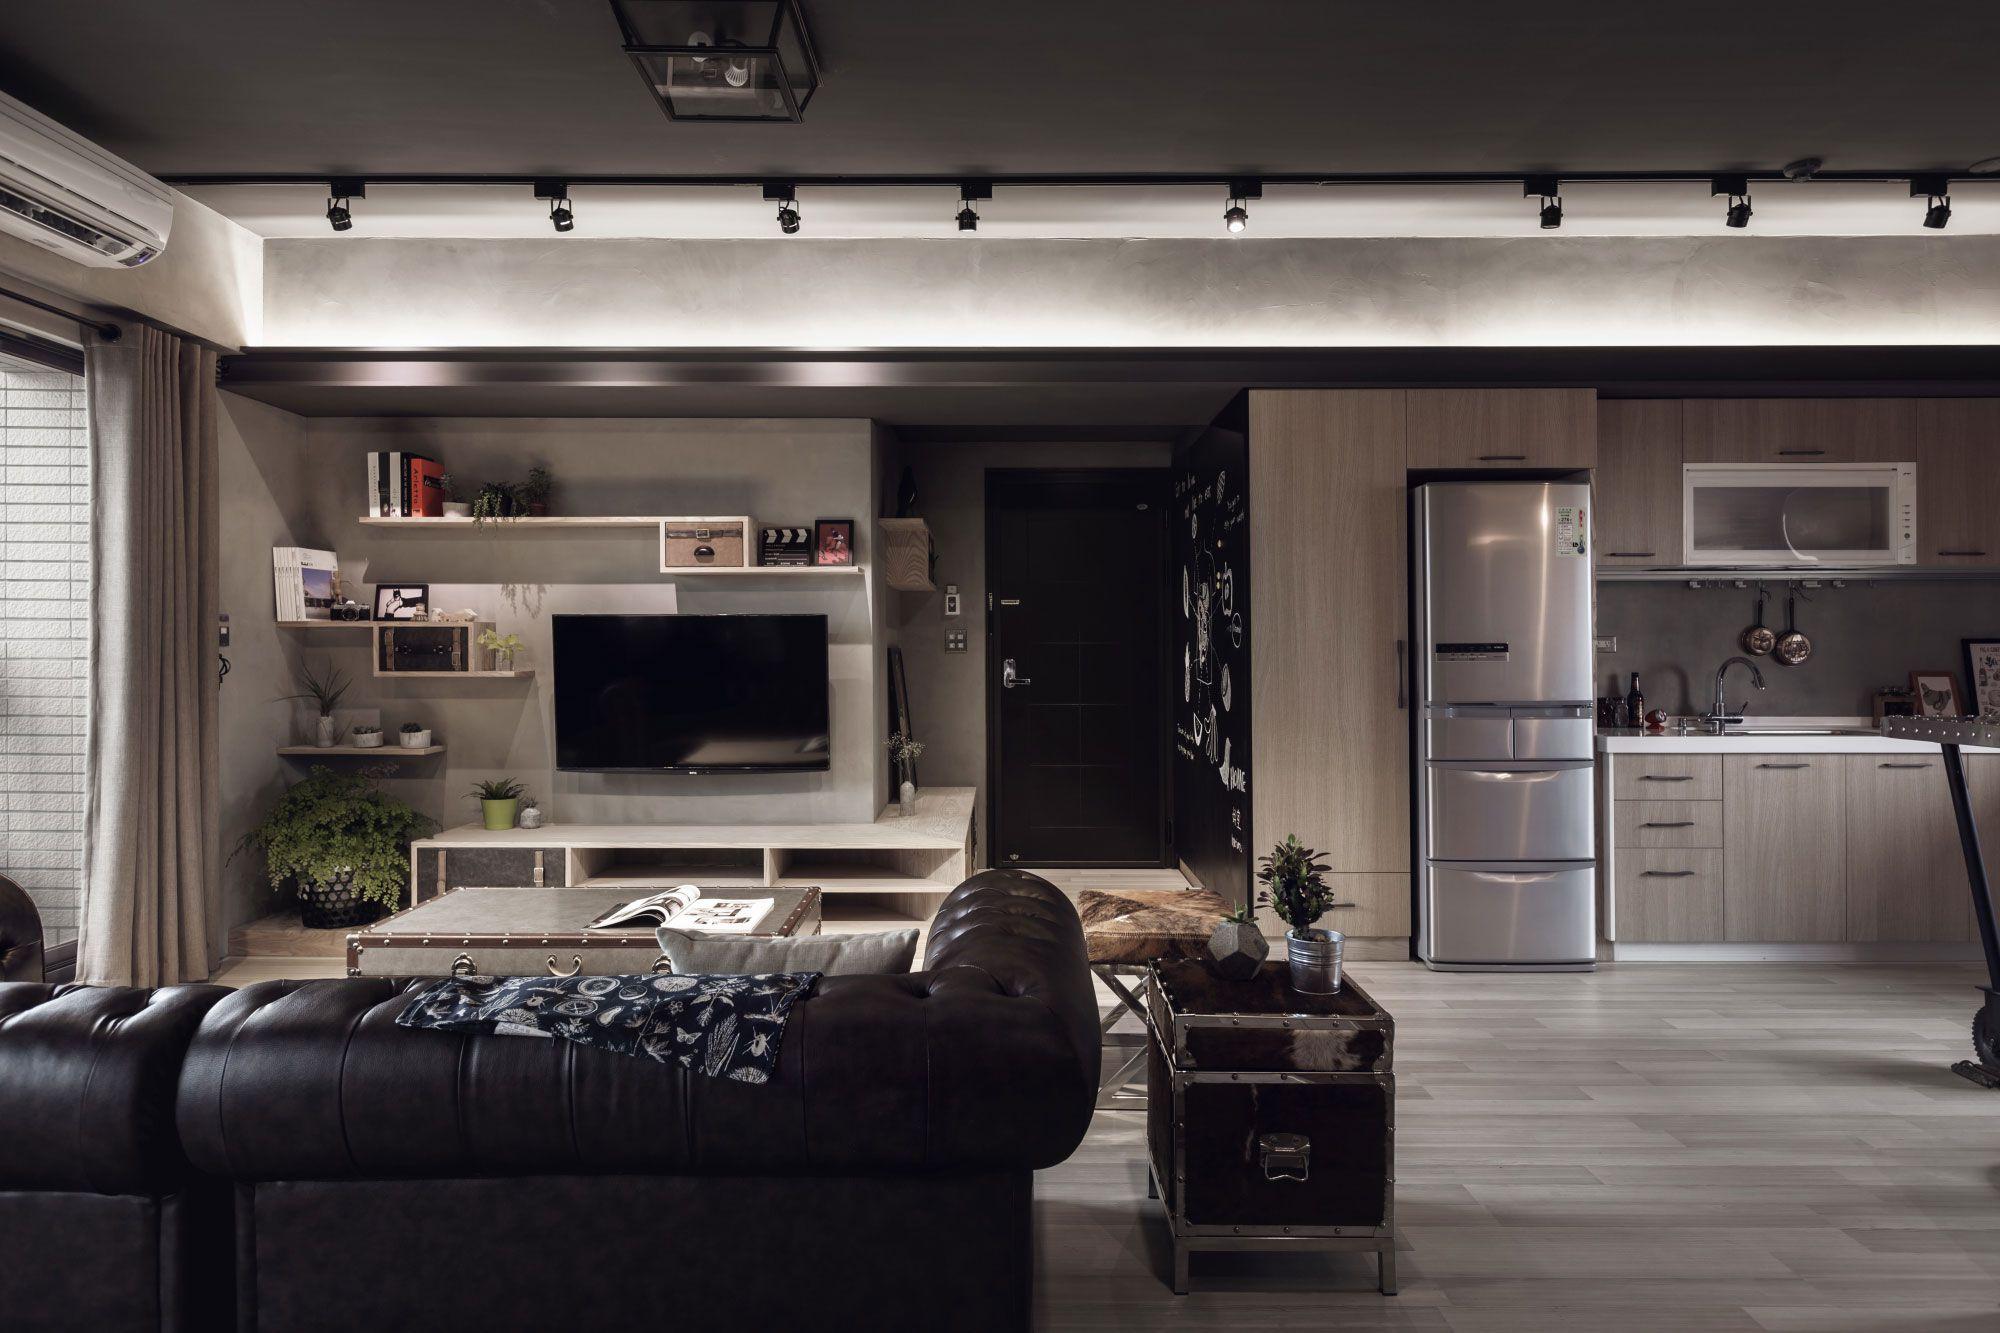 Diseño de la sala con paredes de concreto expuesto (Diseño: Hao Design Studio / Fotos: Hey! Cheese)